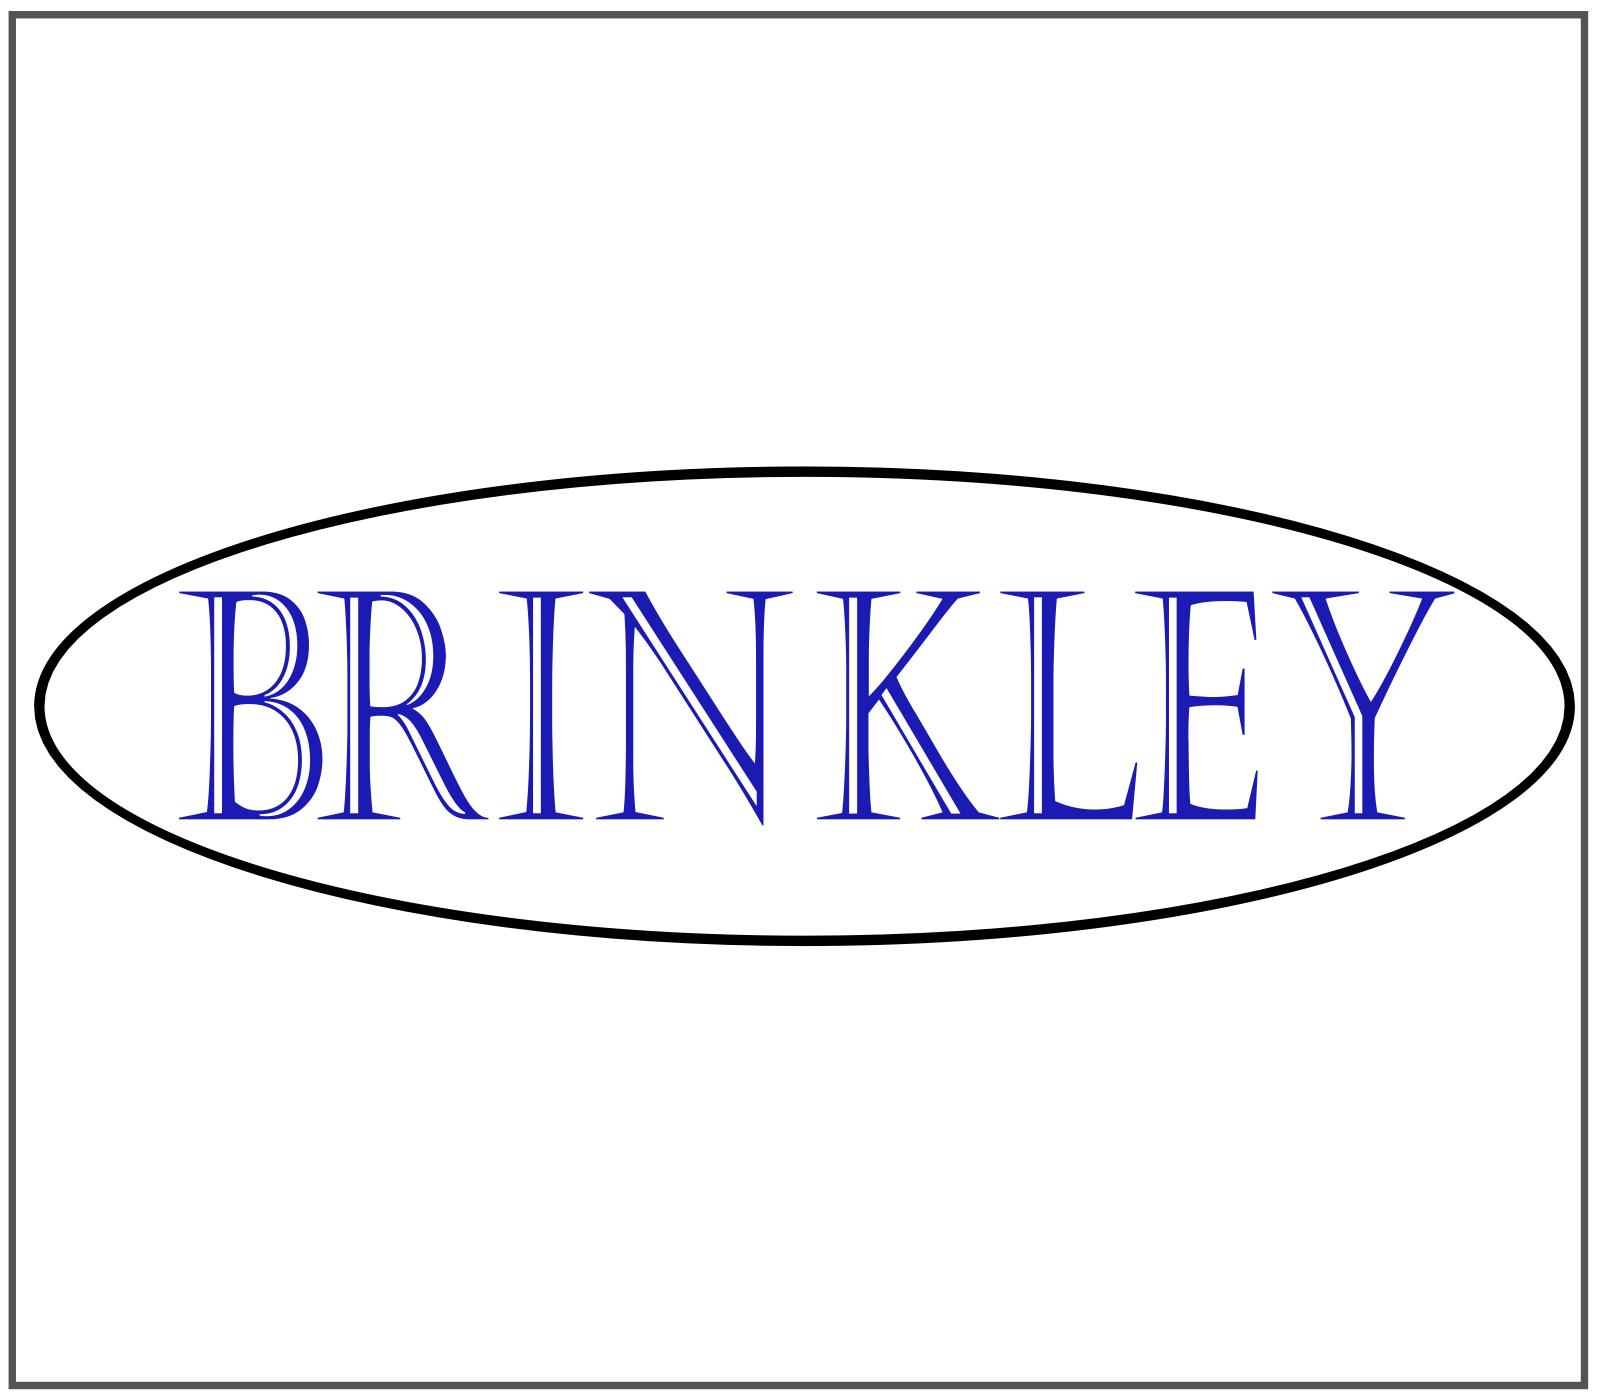 Brinkley